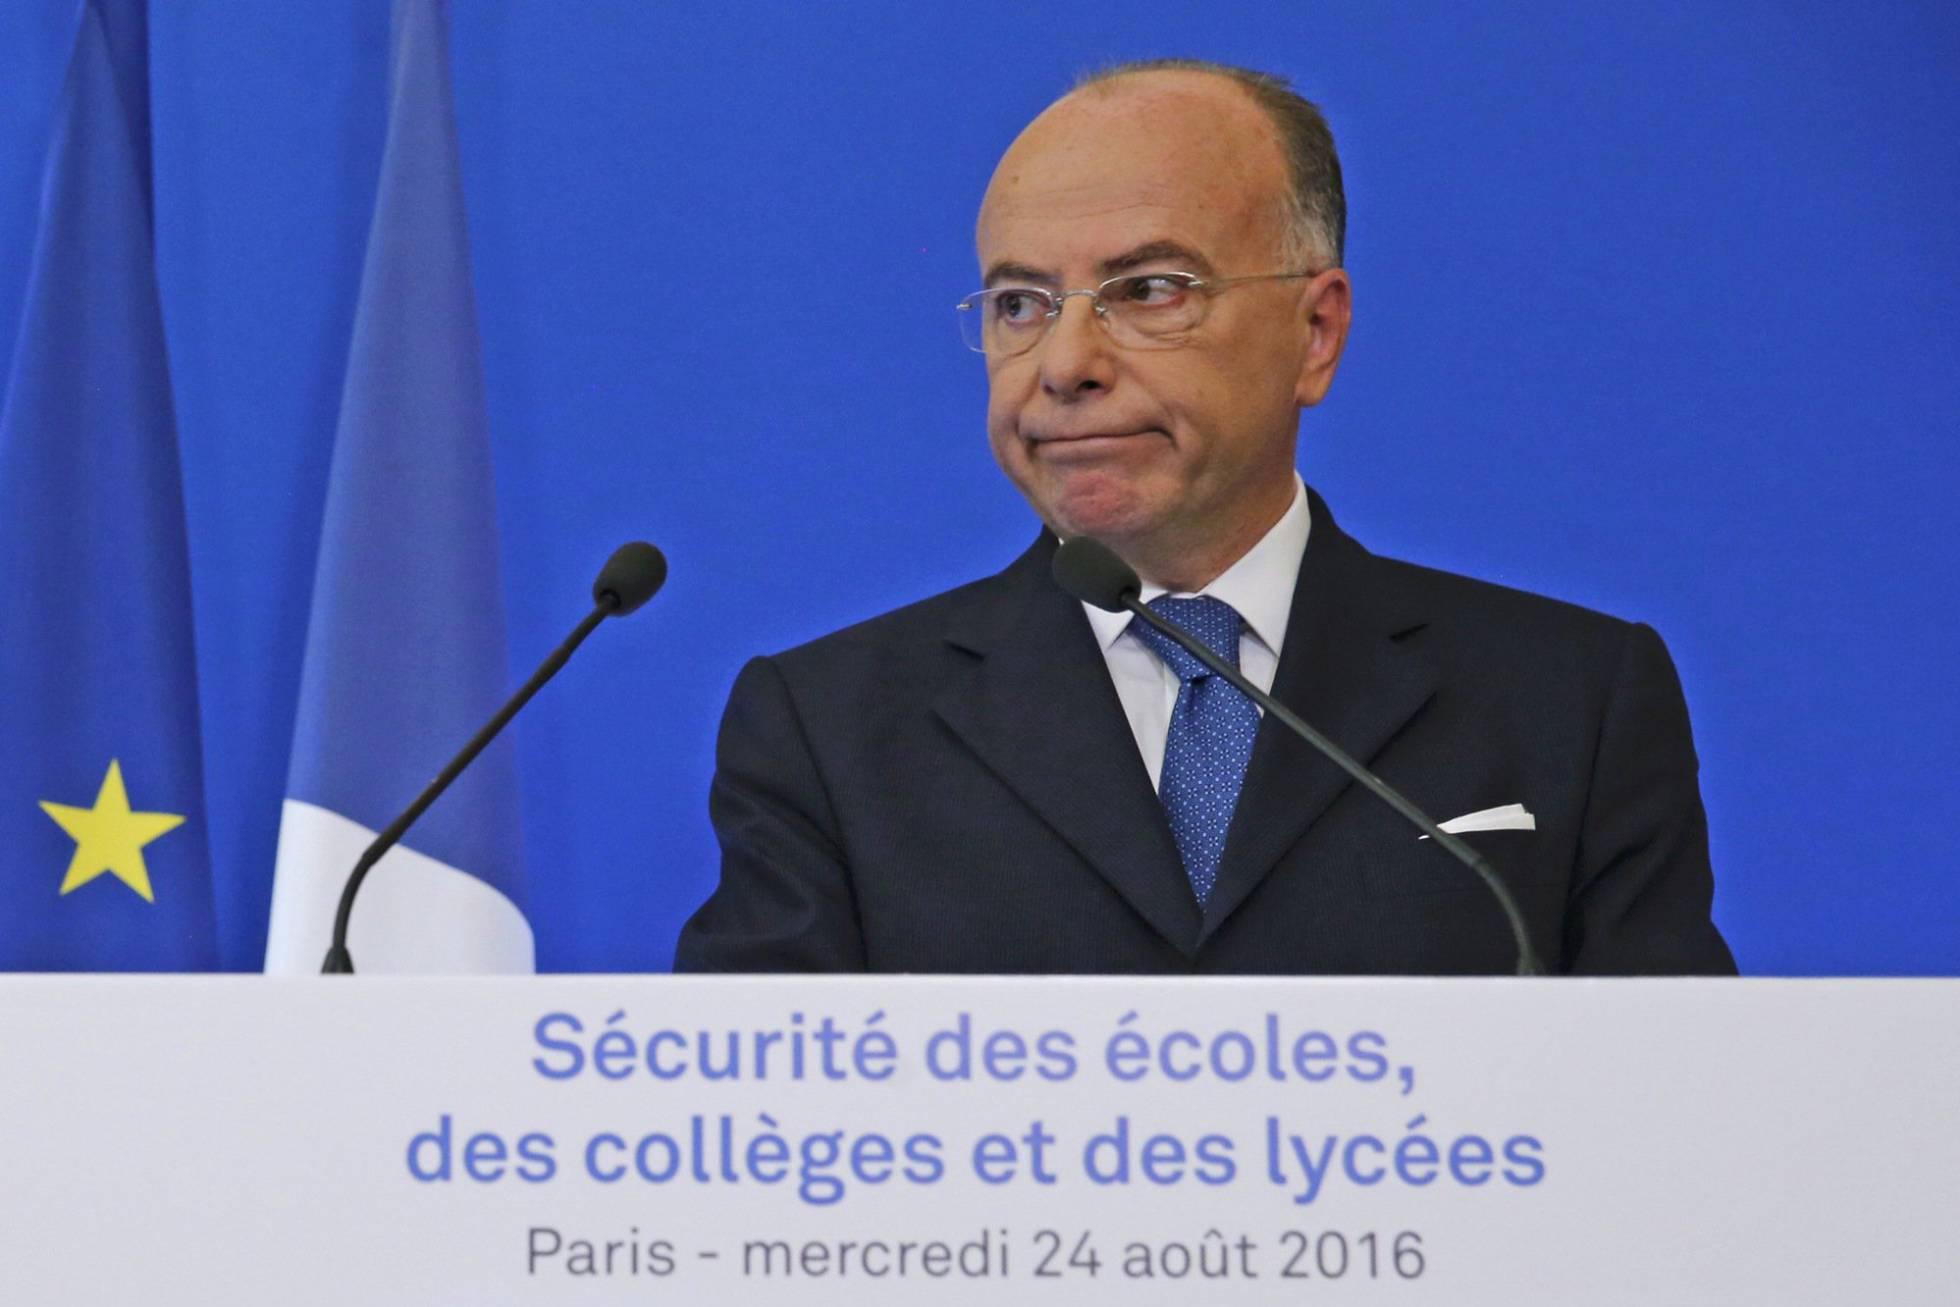 Francia ha expulsado a seis imanes radicales durante el for Ministro del interior actual